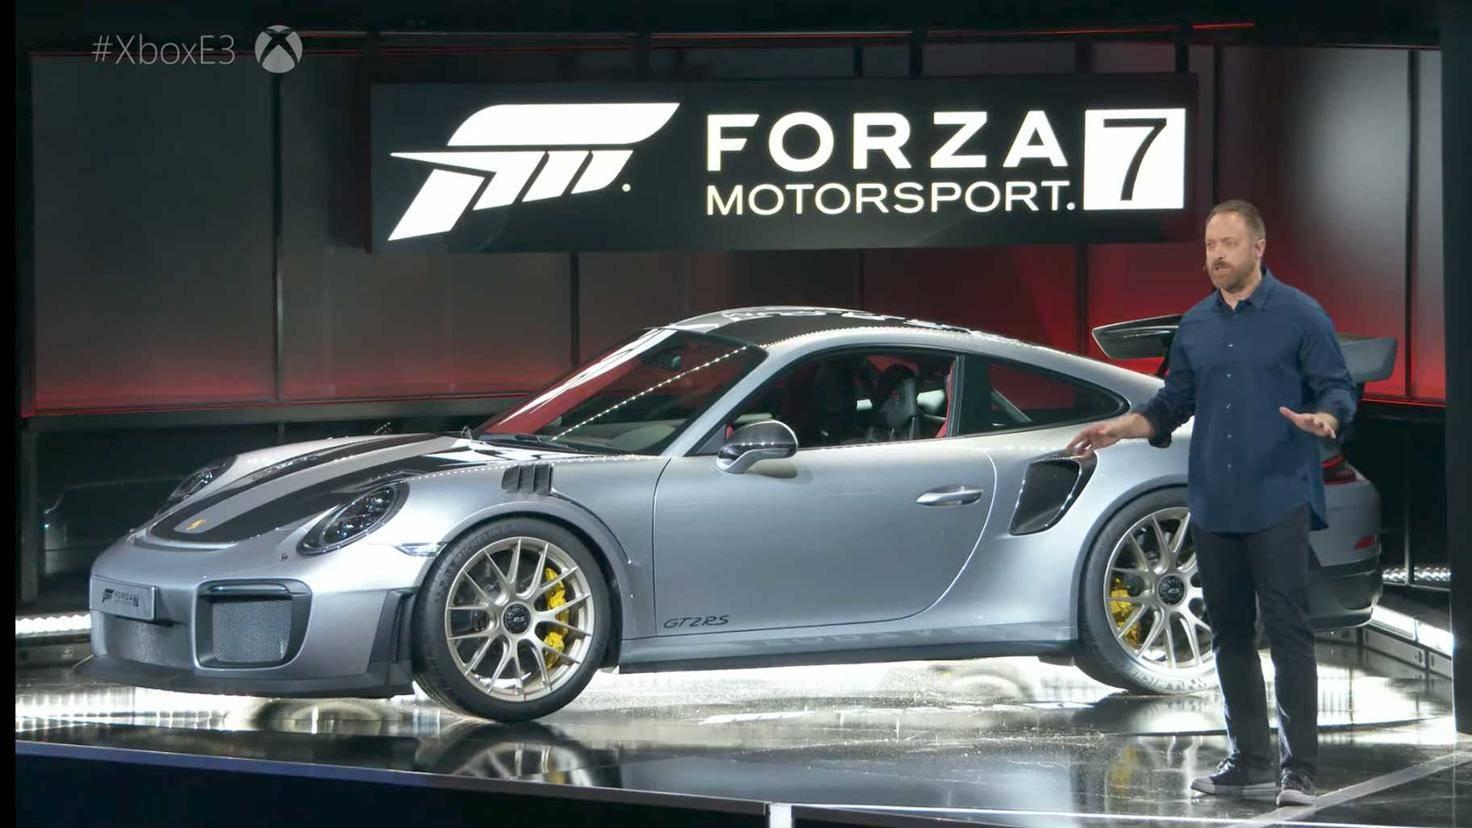 Xbox-Forza-7-Porsche